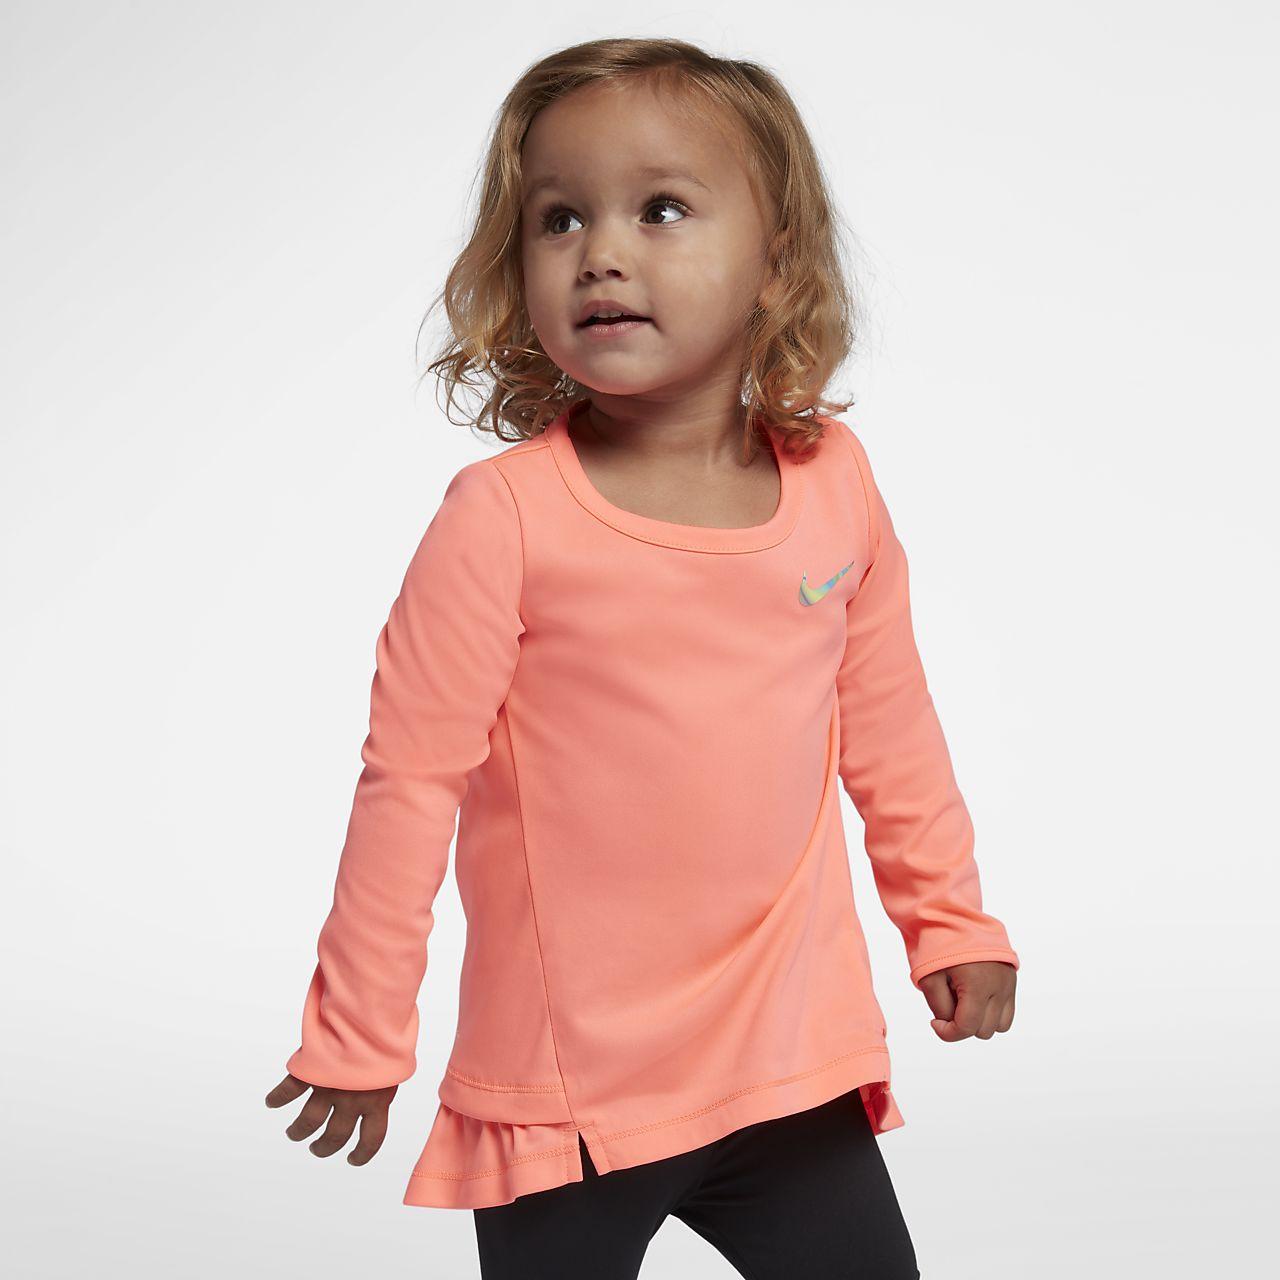 aca5086c5449d Nike Dri-FIT Toddler Top. Nike.com GB